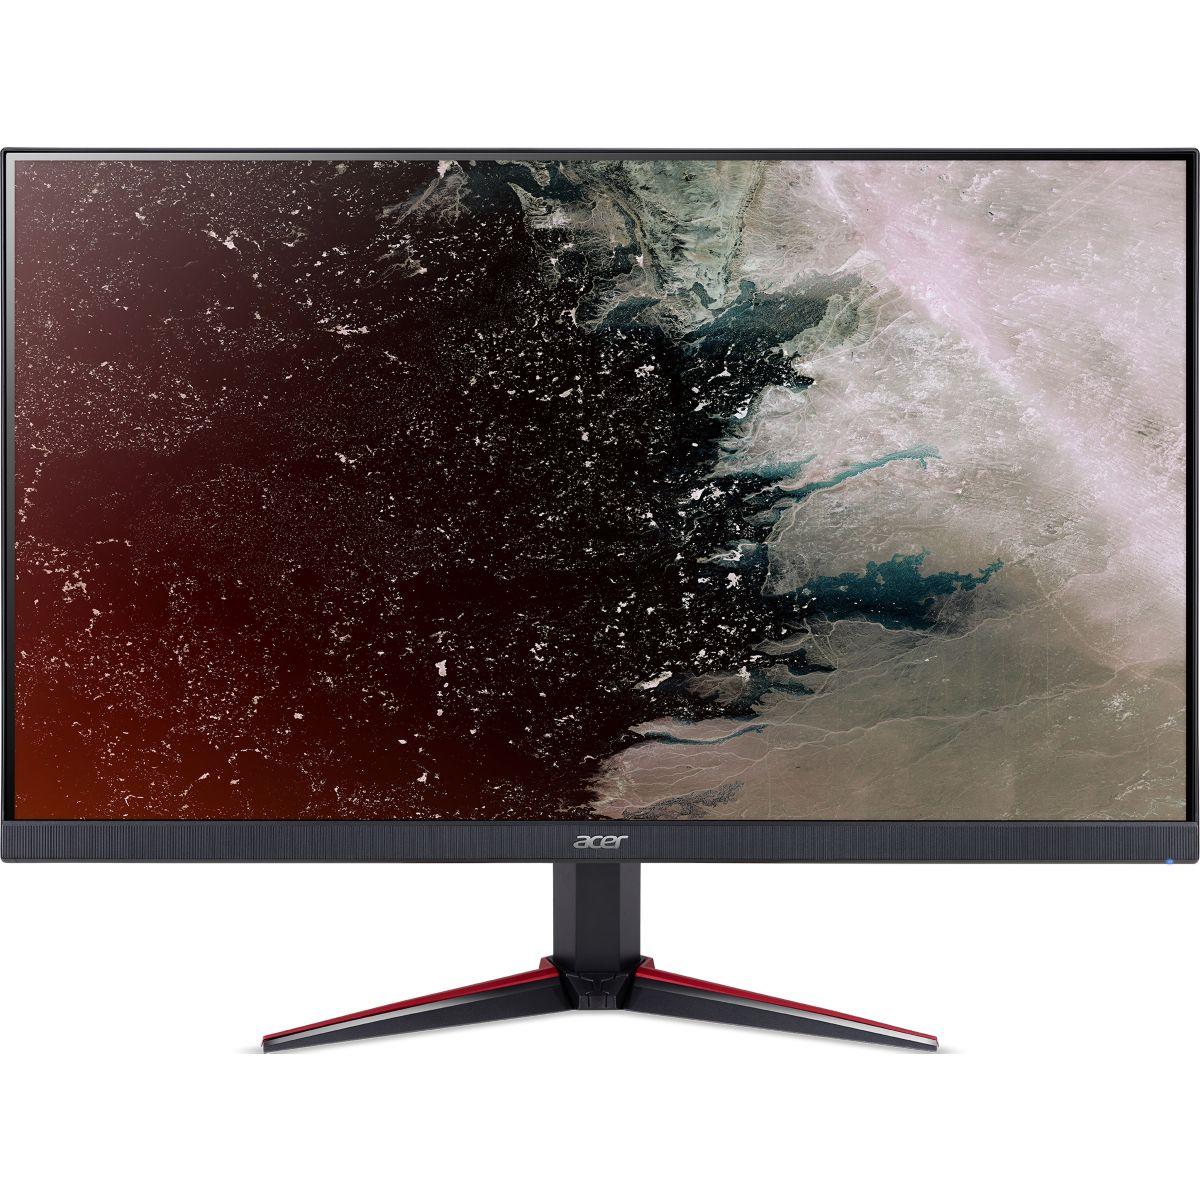 Ecran PC Gamer ACER Nitro VG270bmiix (photo)